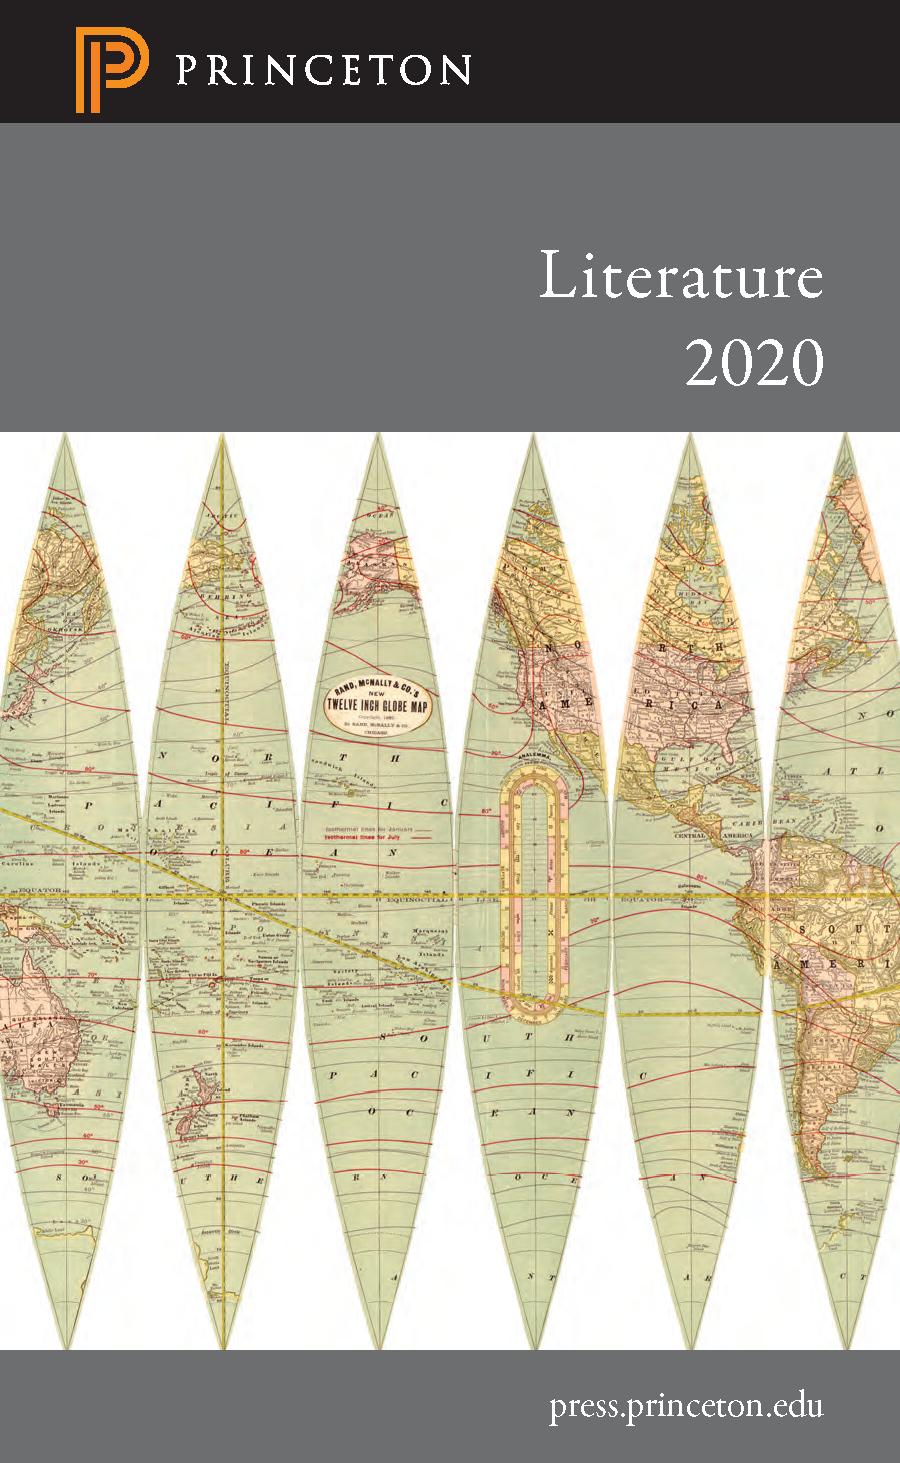 Literature 2020 Catalog Cover